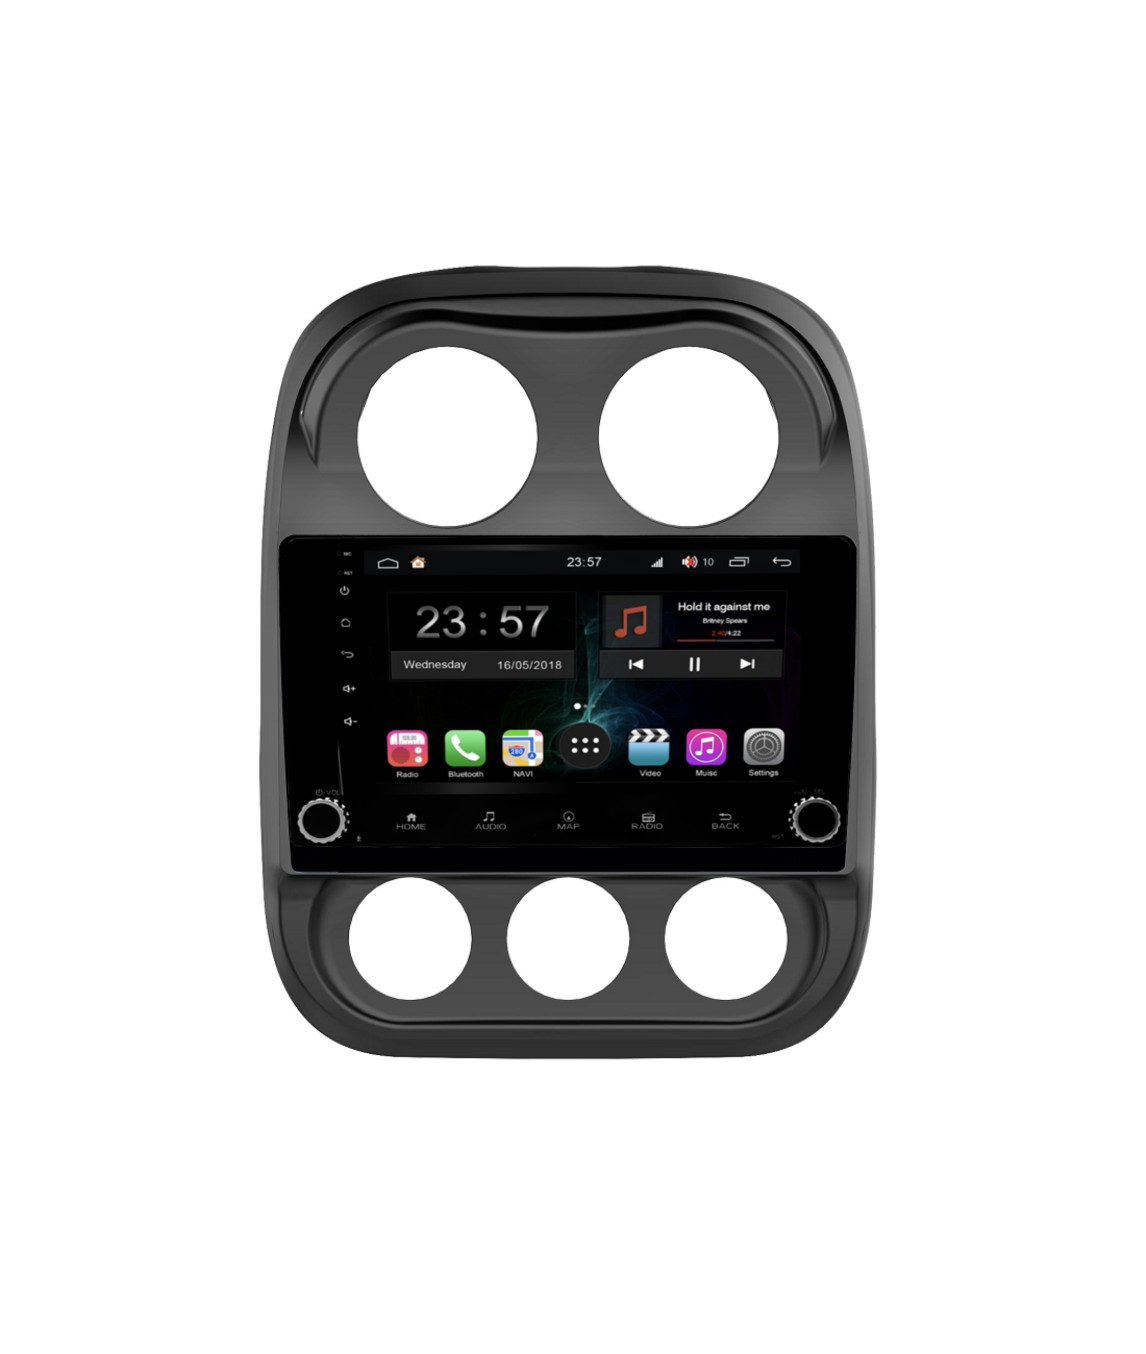 Штатная магнитола FarCar s300-SIM 4G для Jeep Compass на Android (RG1078RB) (+ Камера заднего вида в подарок!) штатная магнитола farcar s160 для toyota highlander на android m467bs